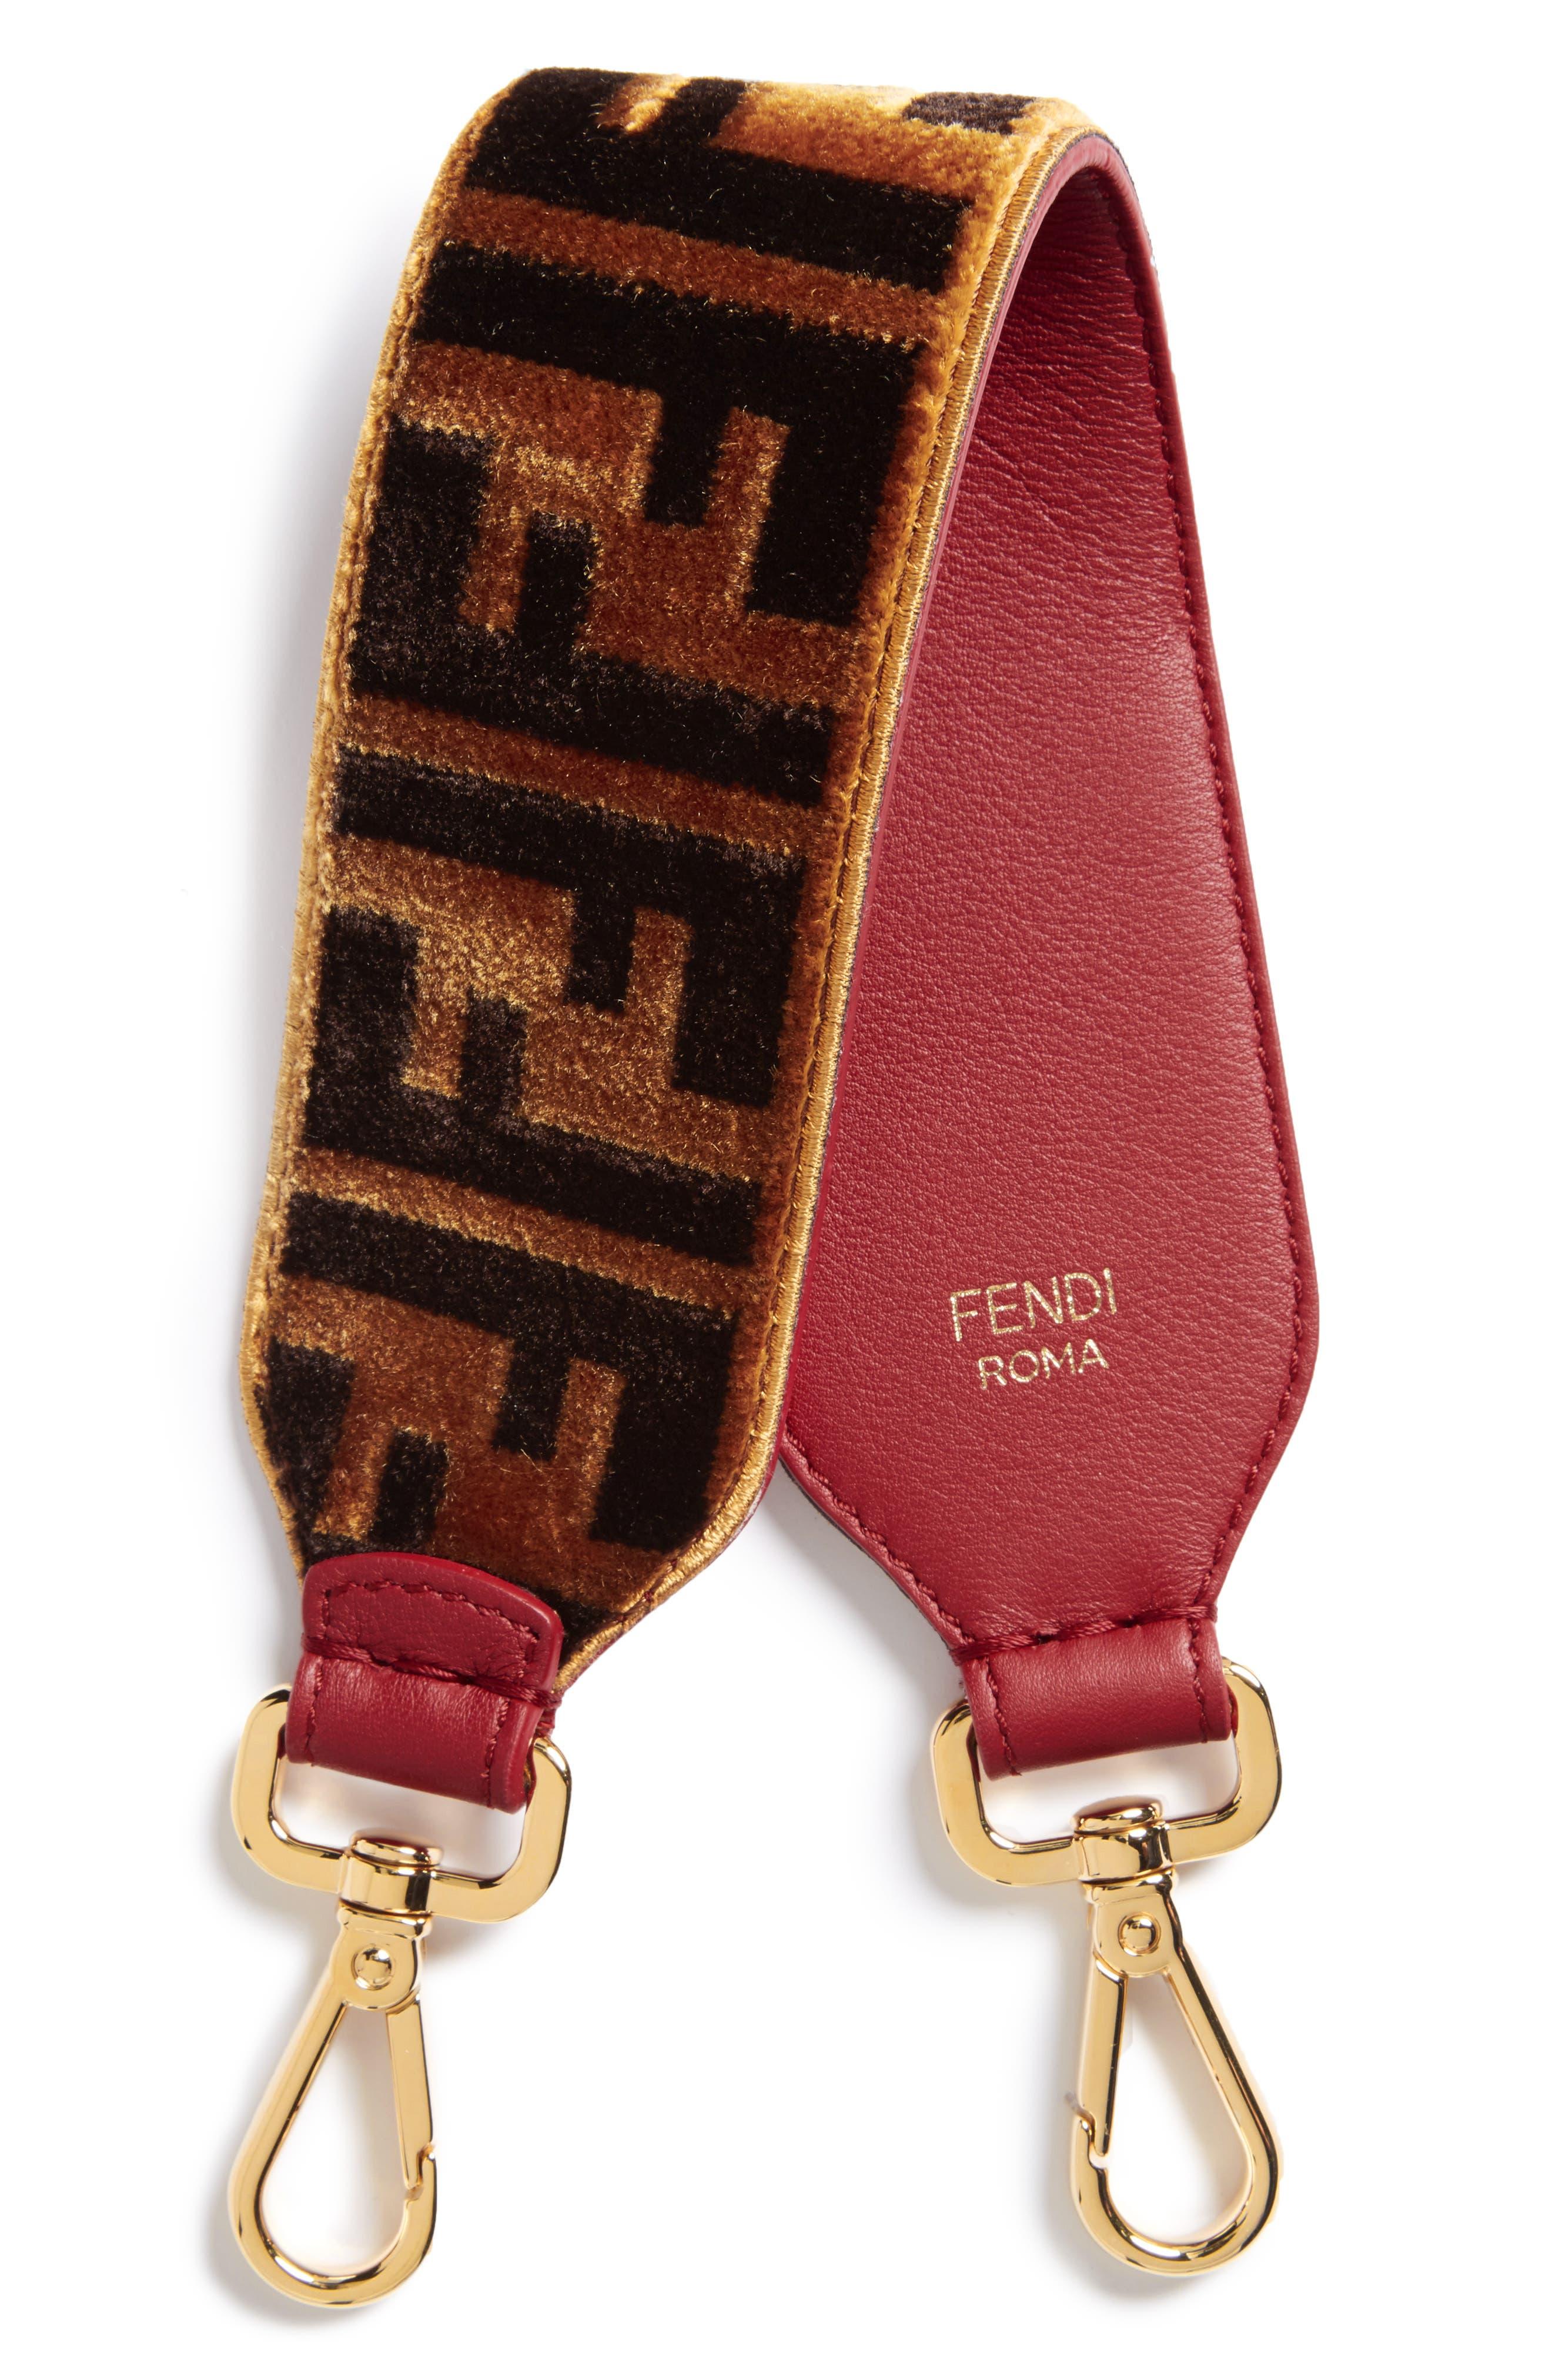 Fendi Mini Strap You Fendi Logo Top Handle Strap